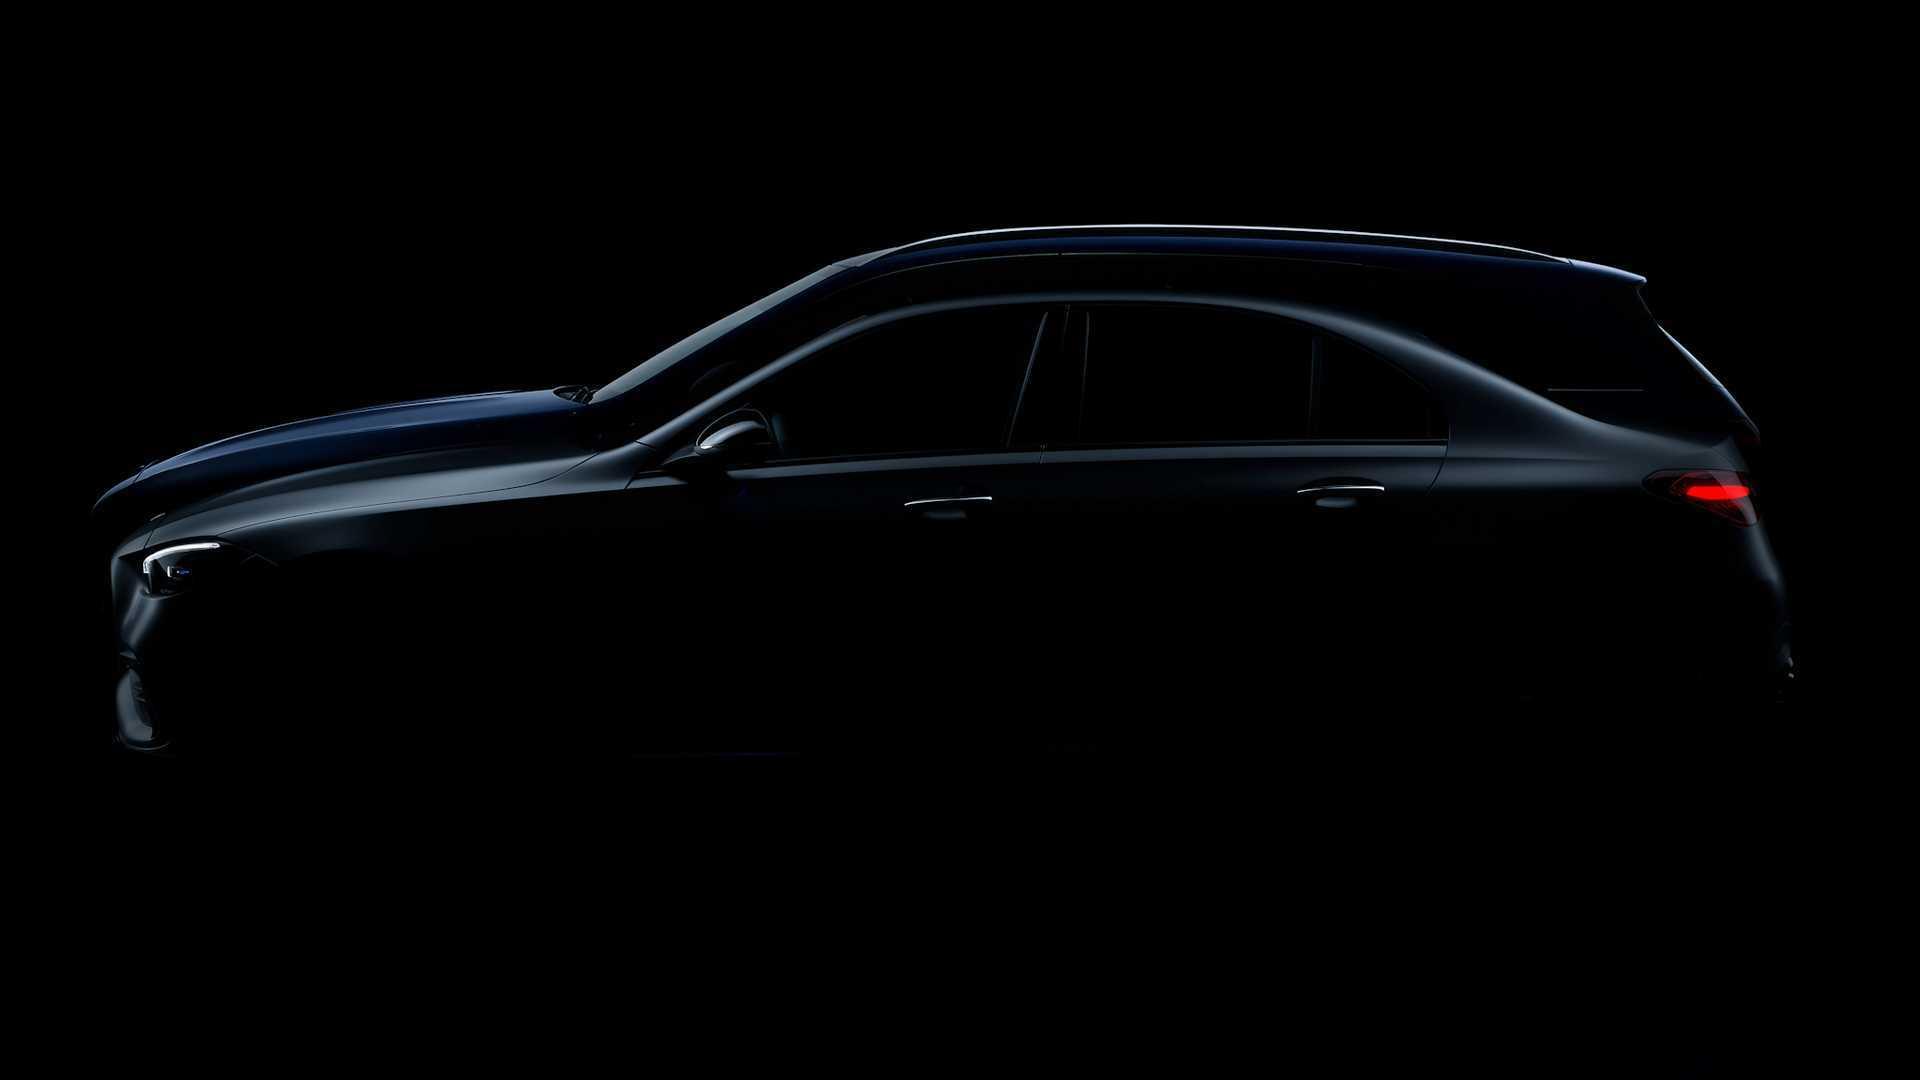 Mercedes C-Class 2022 года дебютирует сегодня: смотрите прямую трансляцию